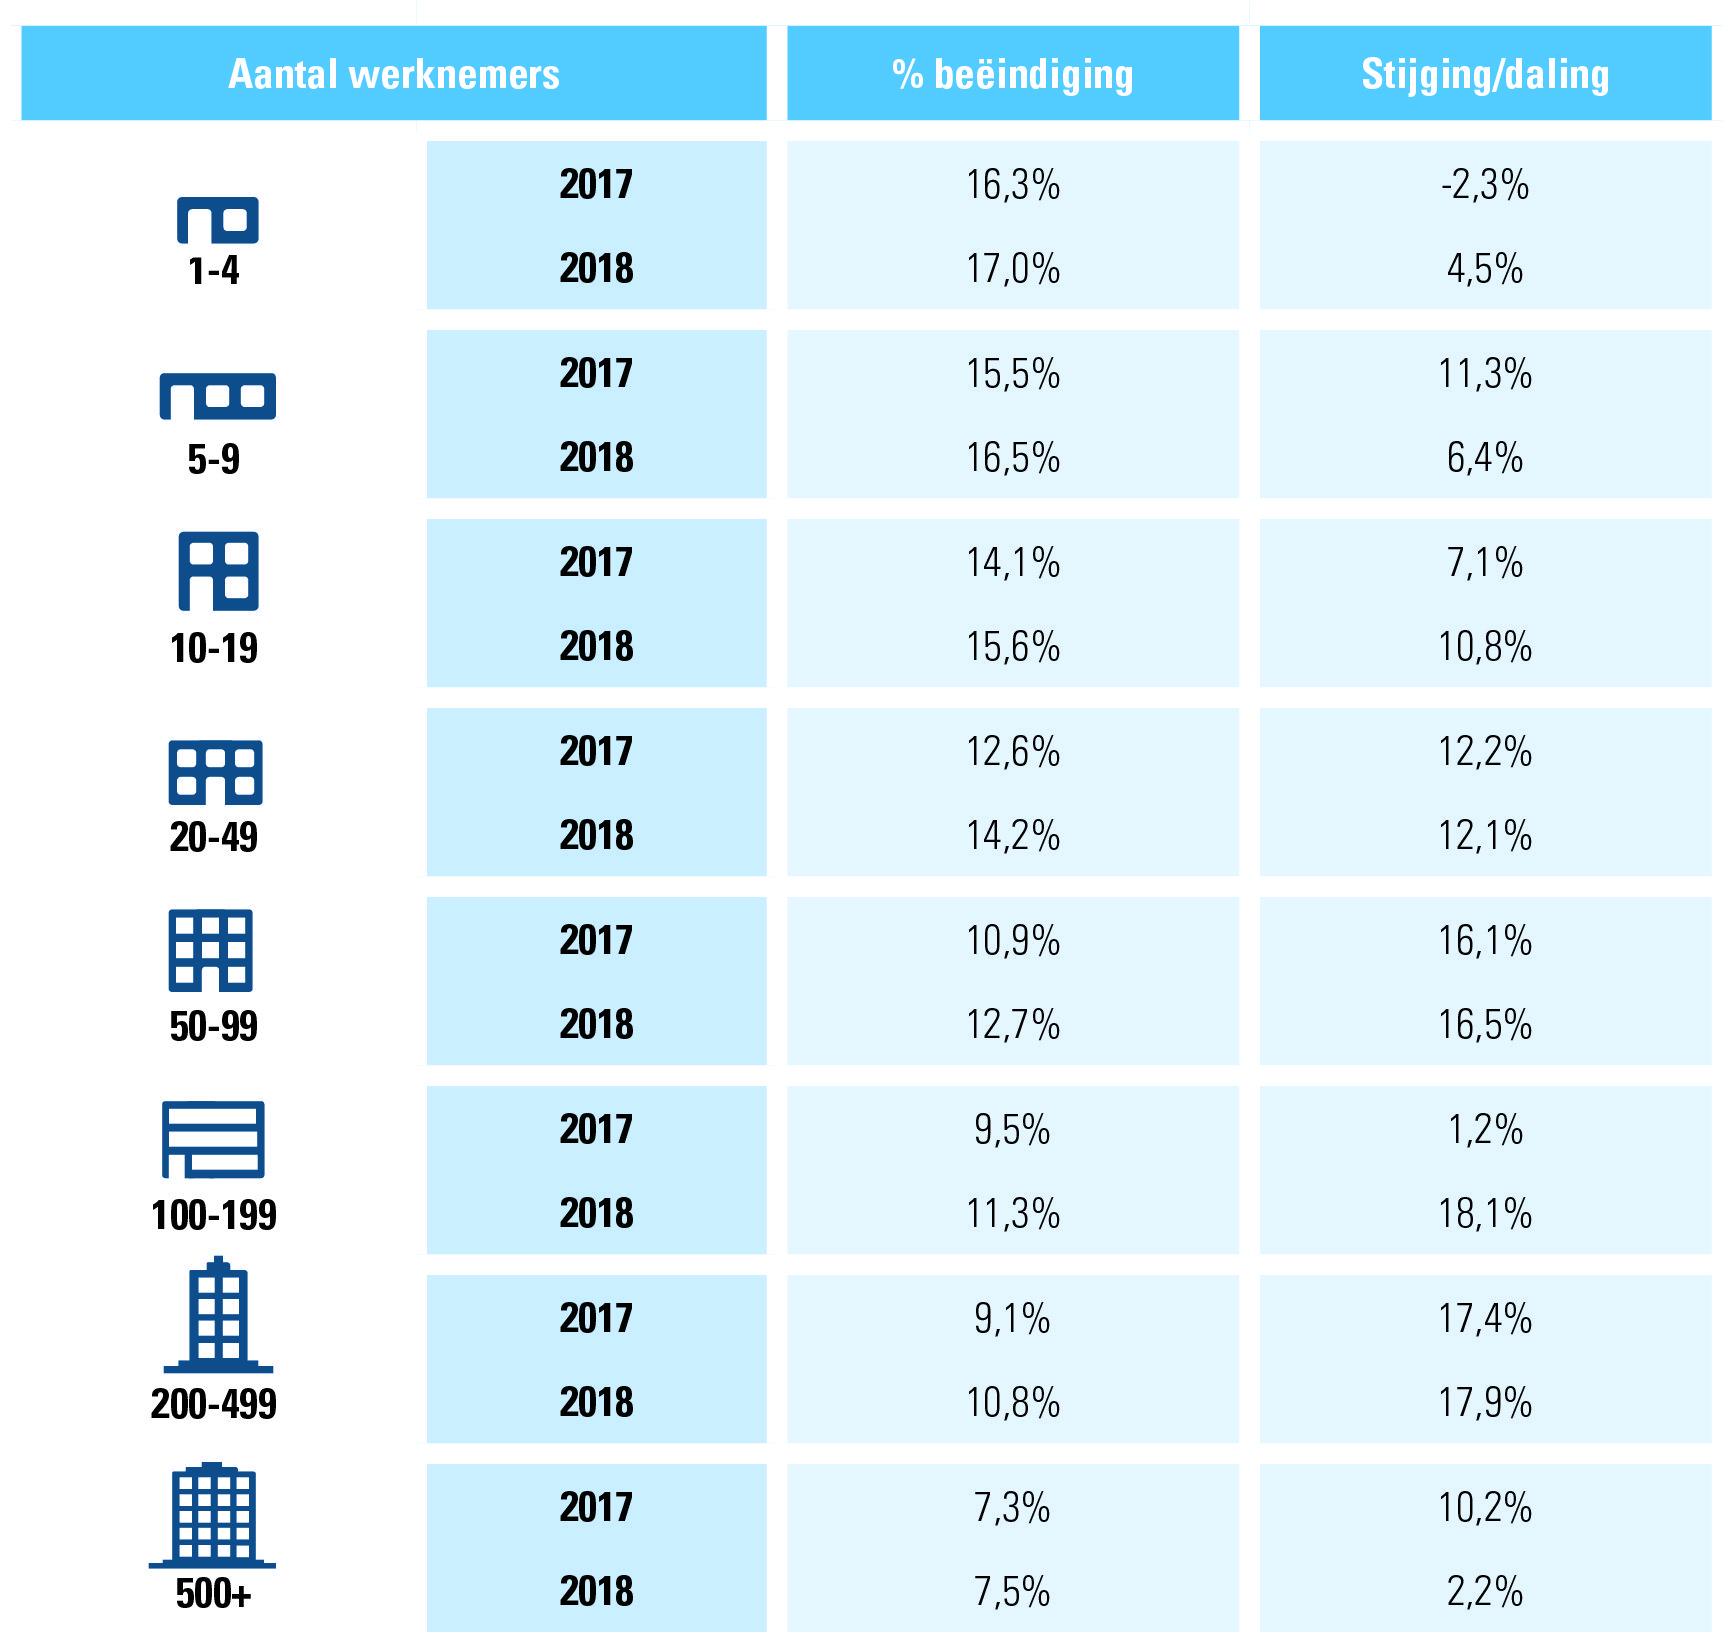 Tabel 2: beëindiging arbeidsovereenkomsten onbepaalde duur 2018, volgens grootte onderneming